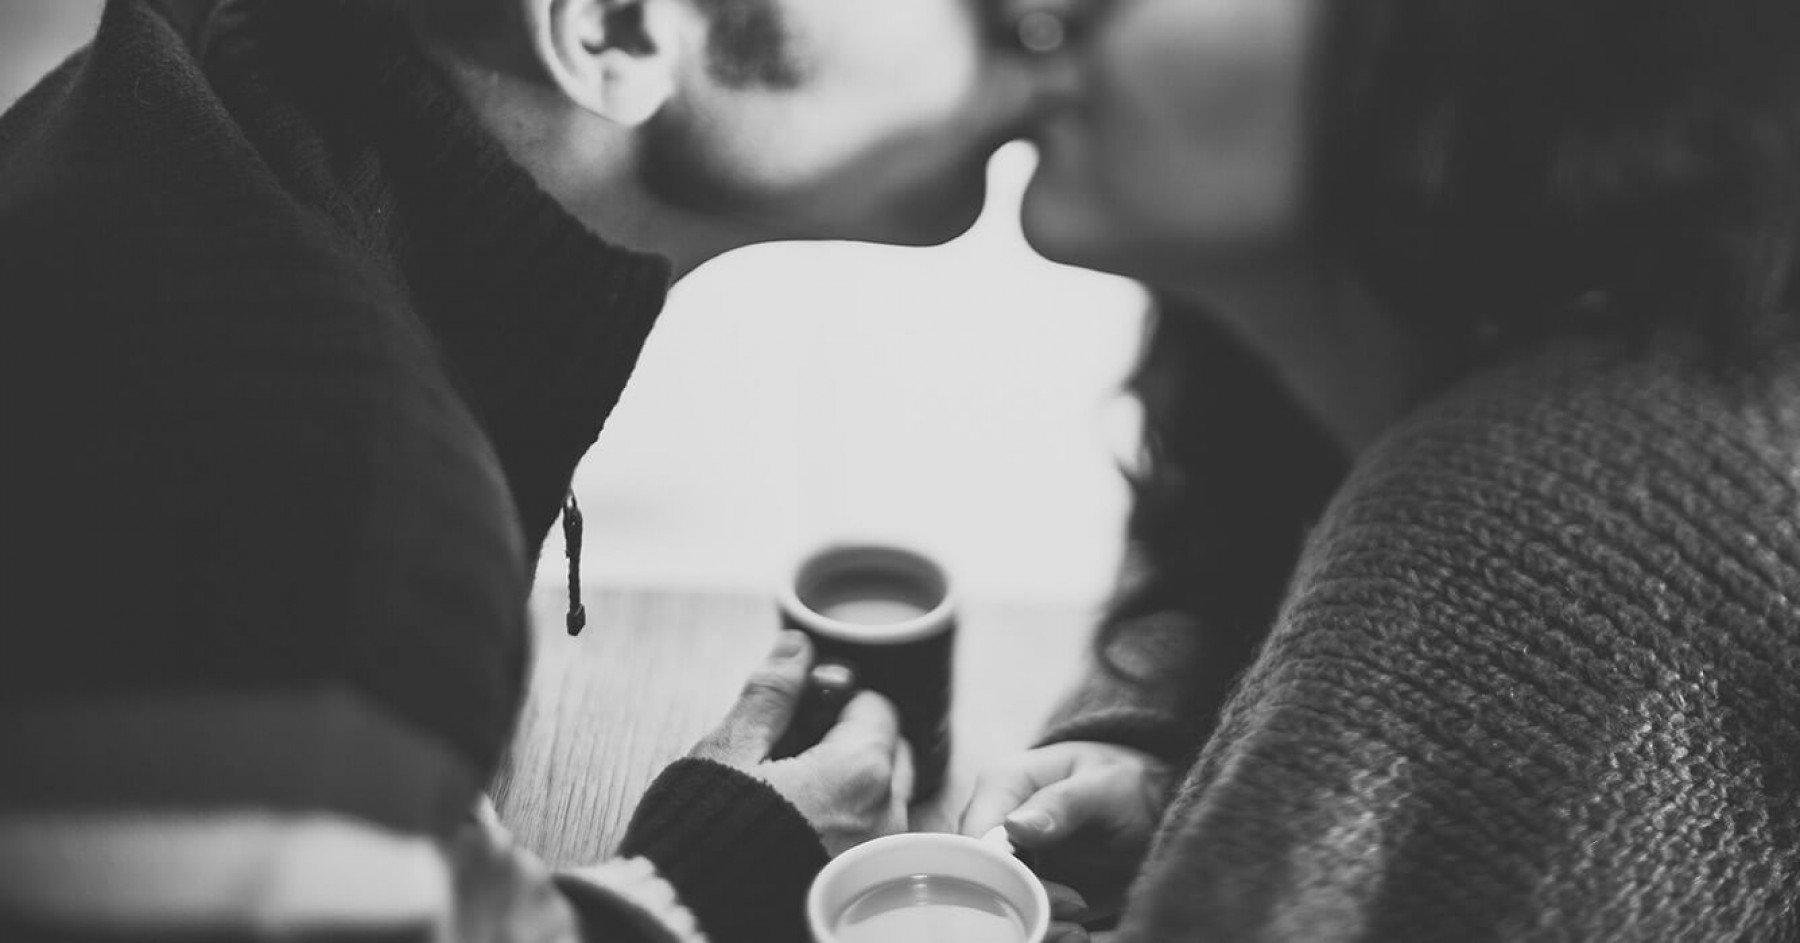 Ett par kysser varandra på munnen.